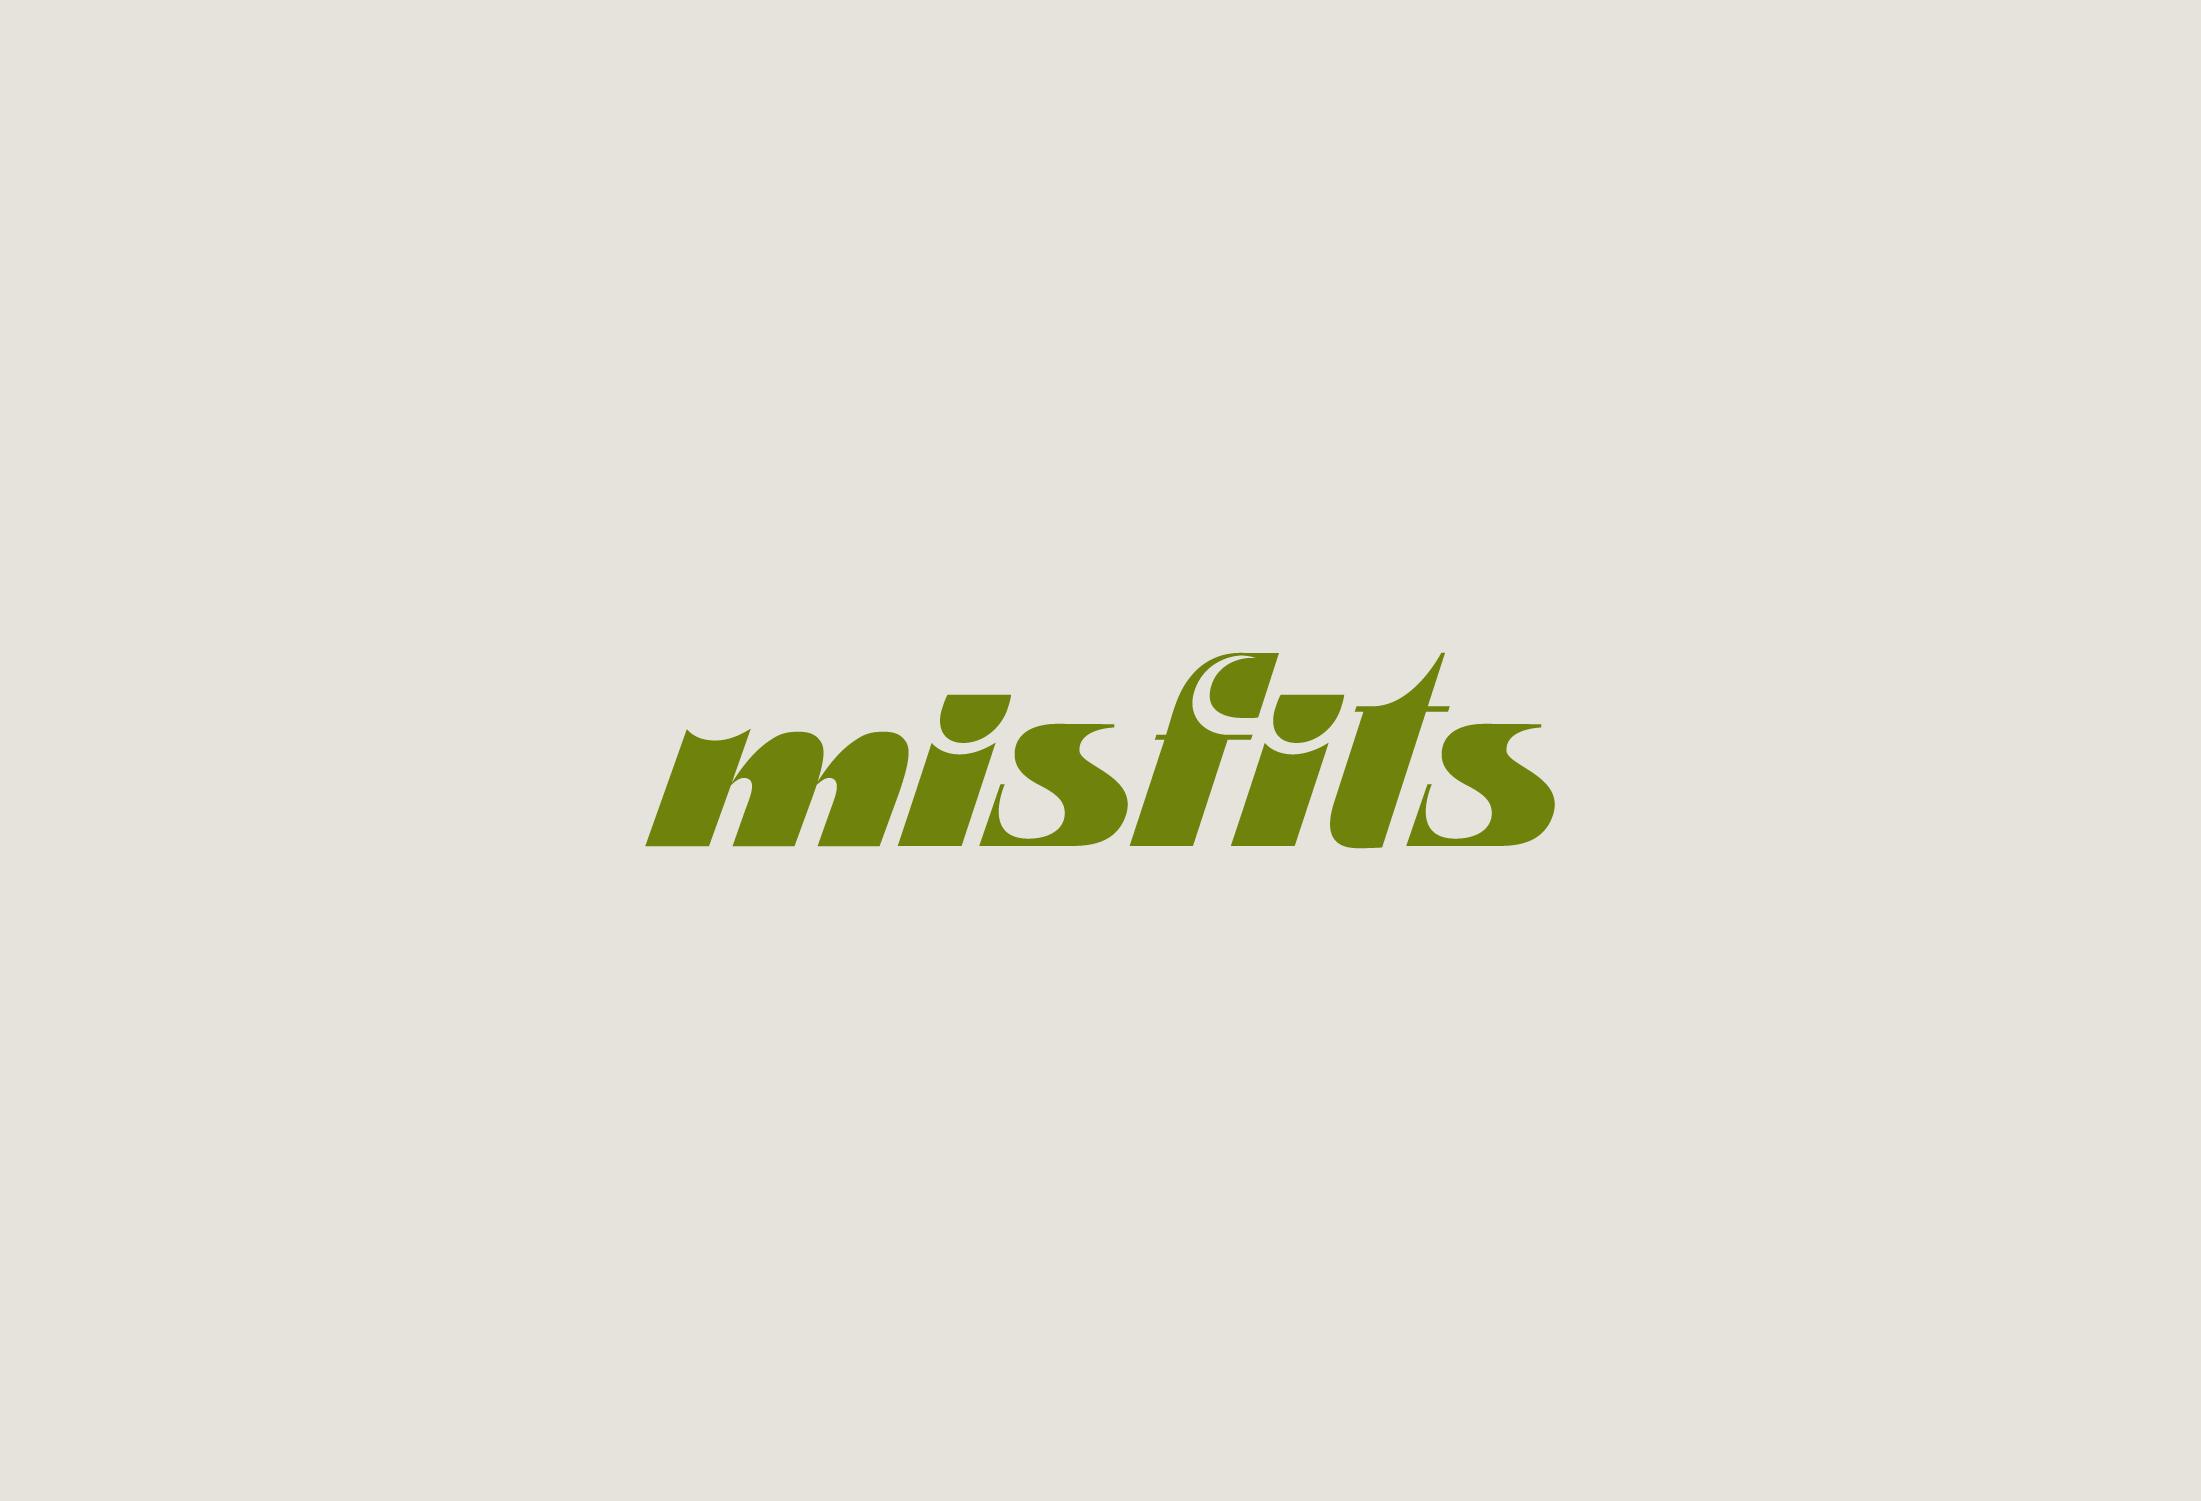 MSFTS_Prim_Logo